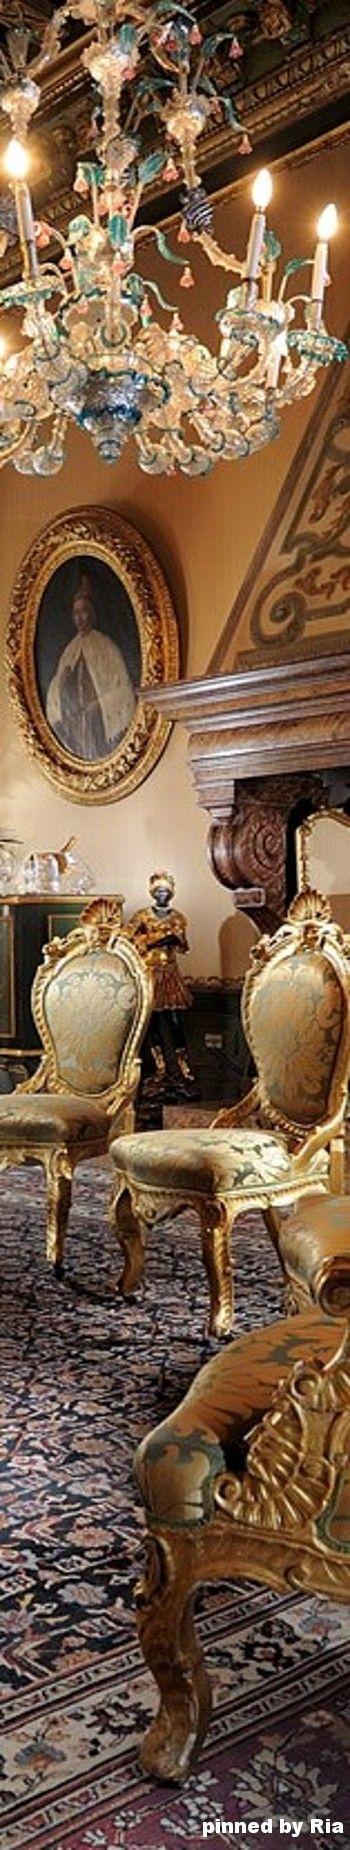 Hotel Danieli, Royal Suite l Once The Palazzo Dandolo Palace In Venezia, Italia l Ria